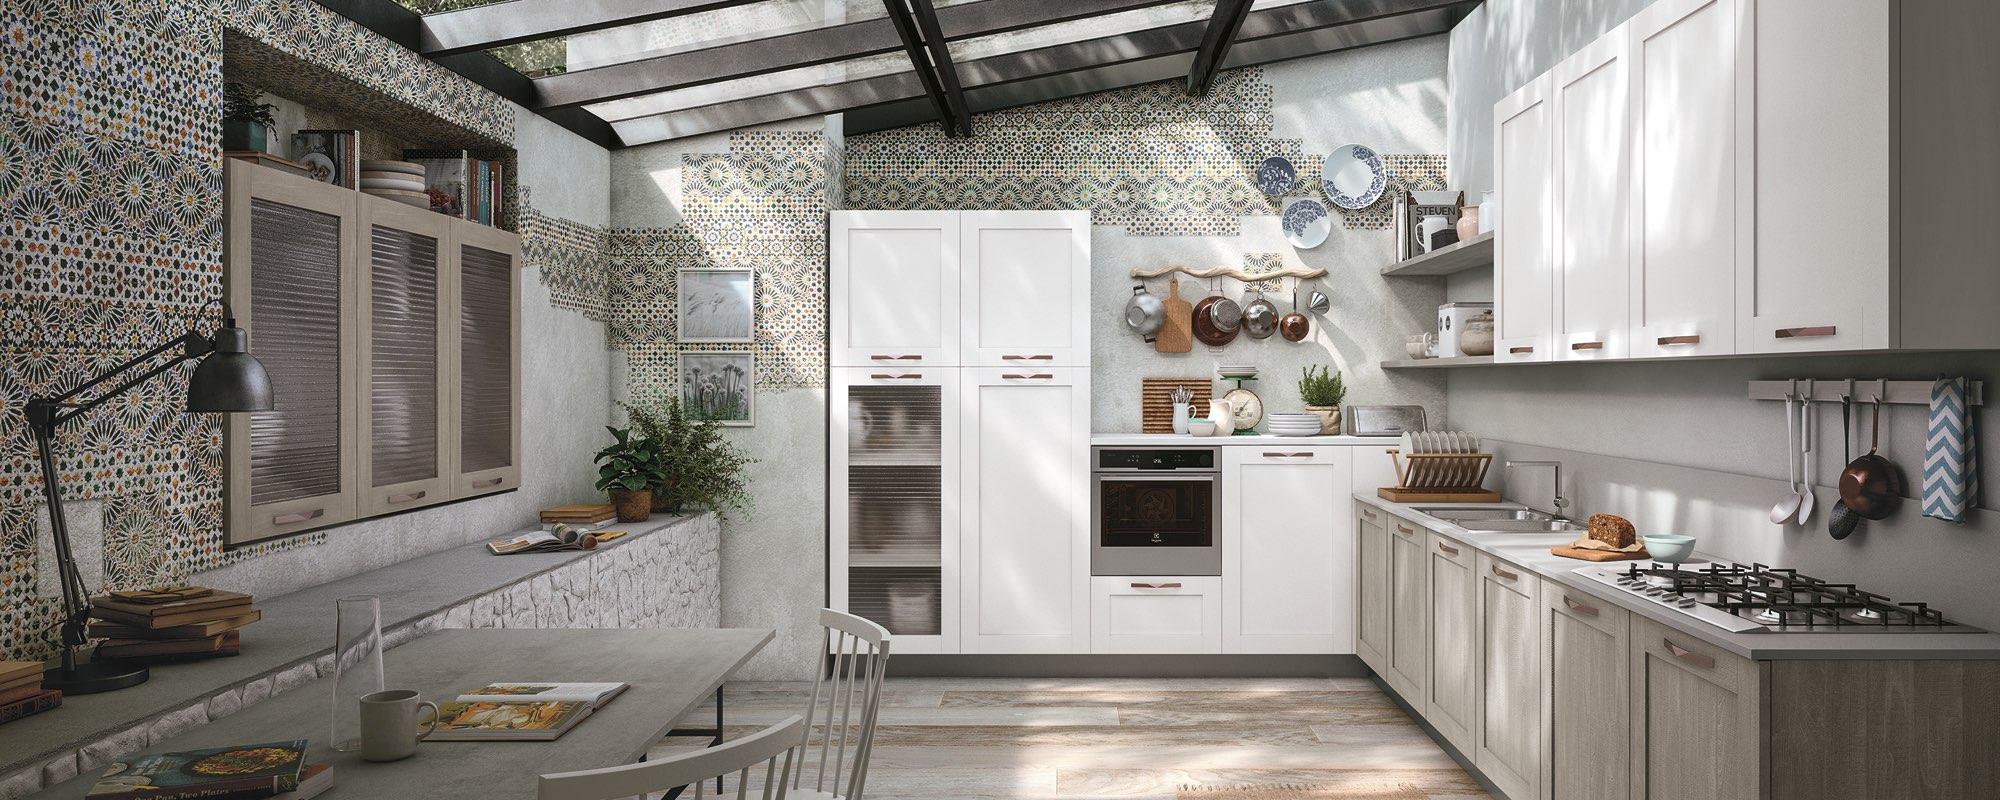 un ambiente con cucina e salotto e arredamenti